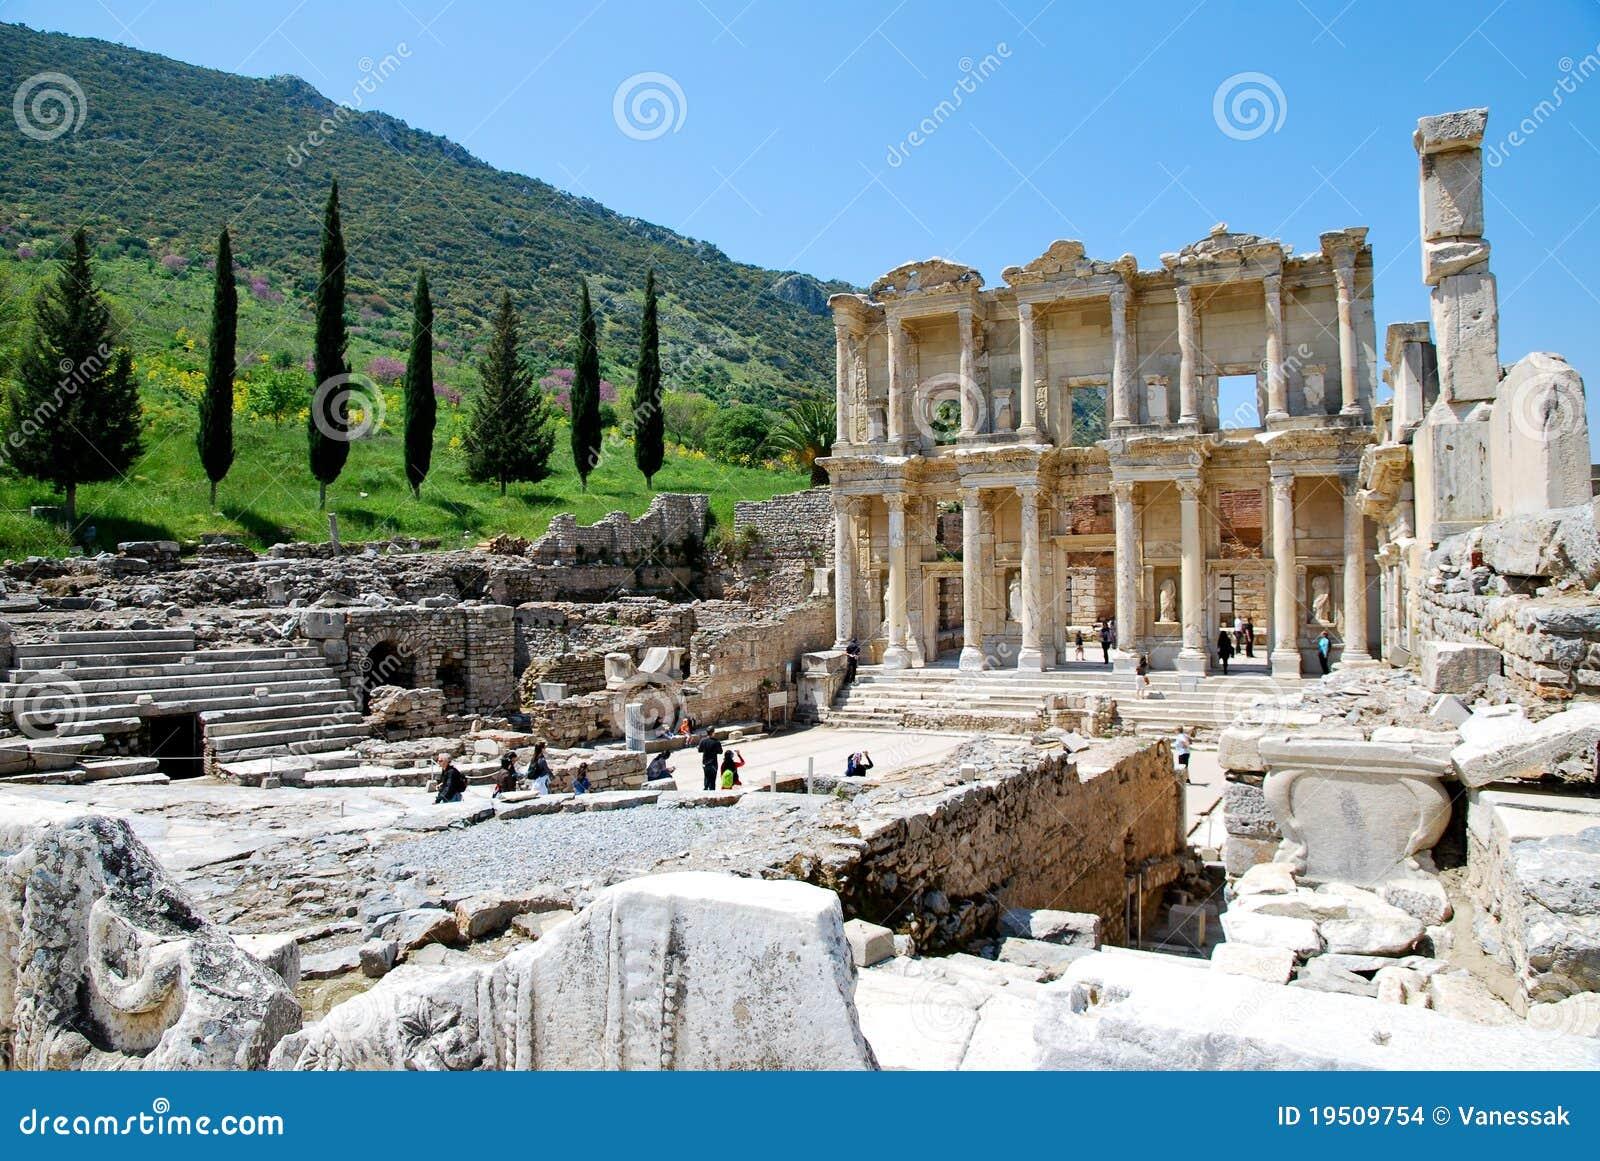 Die Ruinen der Celsus Bibliothek in Ephesus